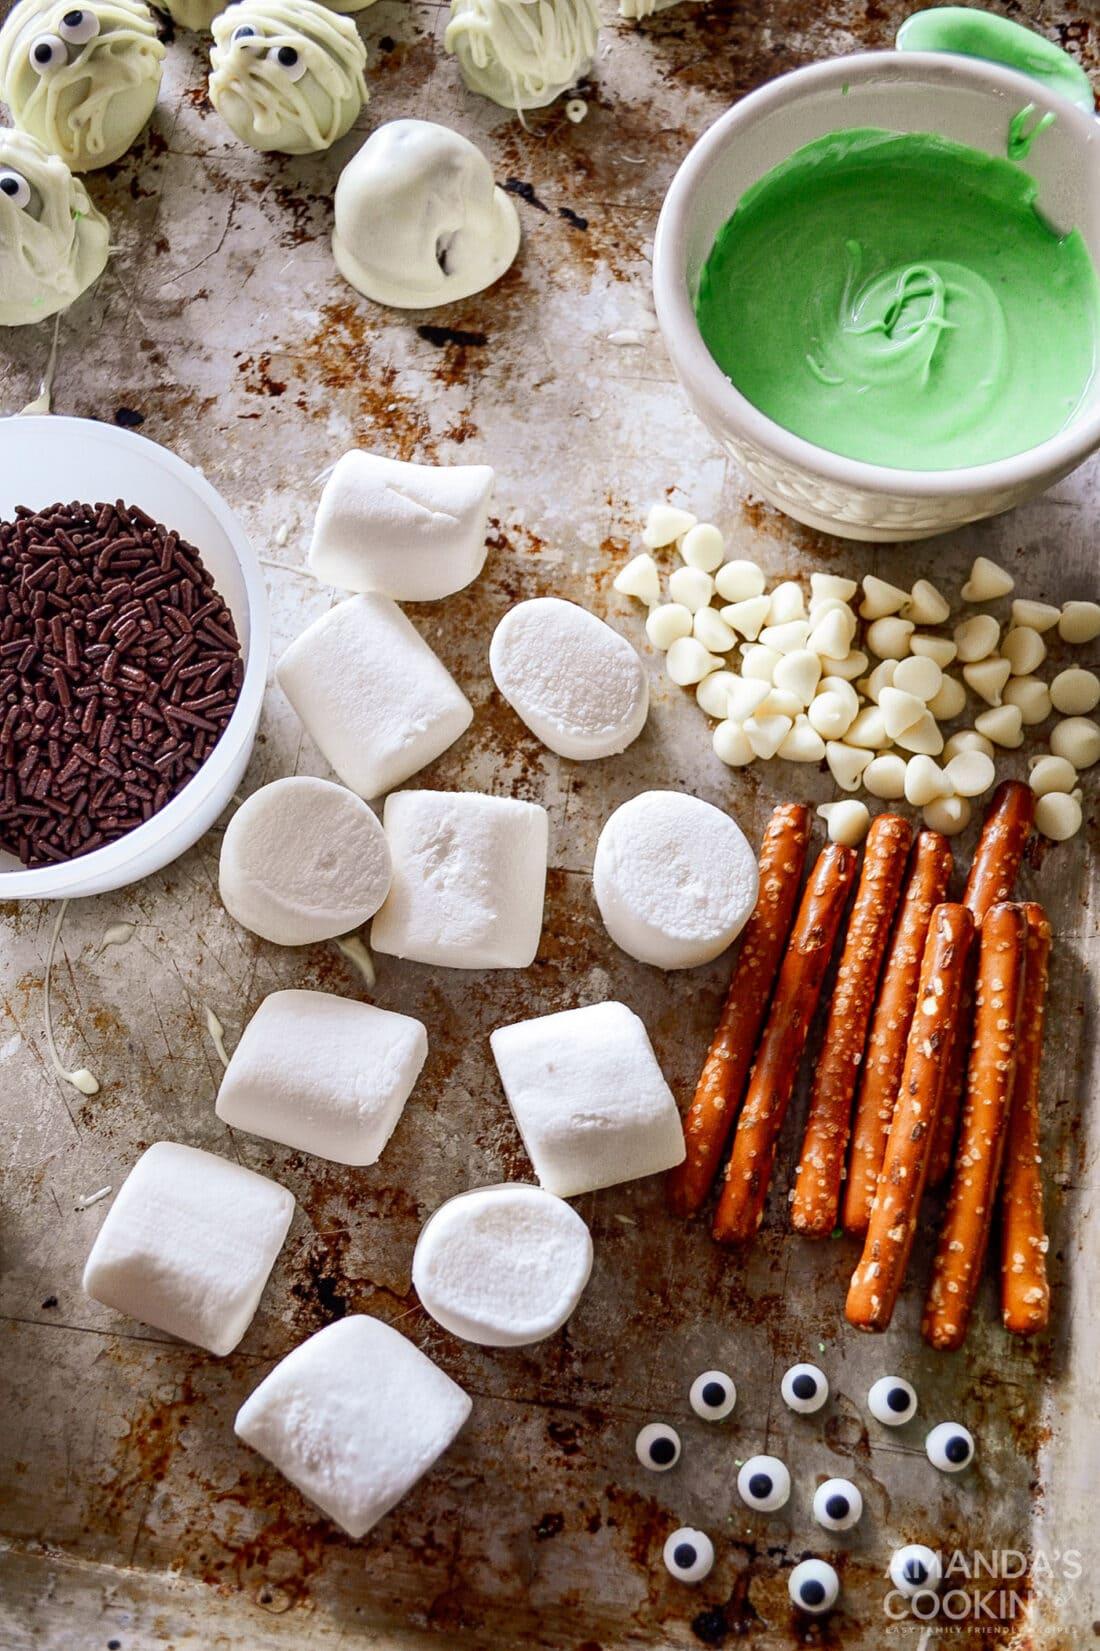 ingredients for Marshmallow Frankensteins